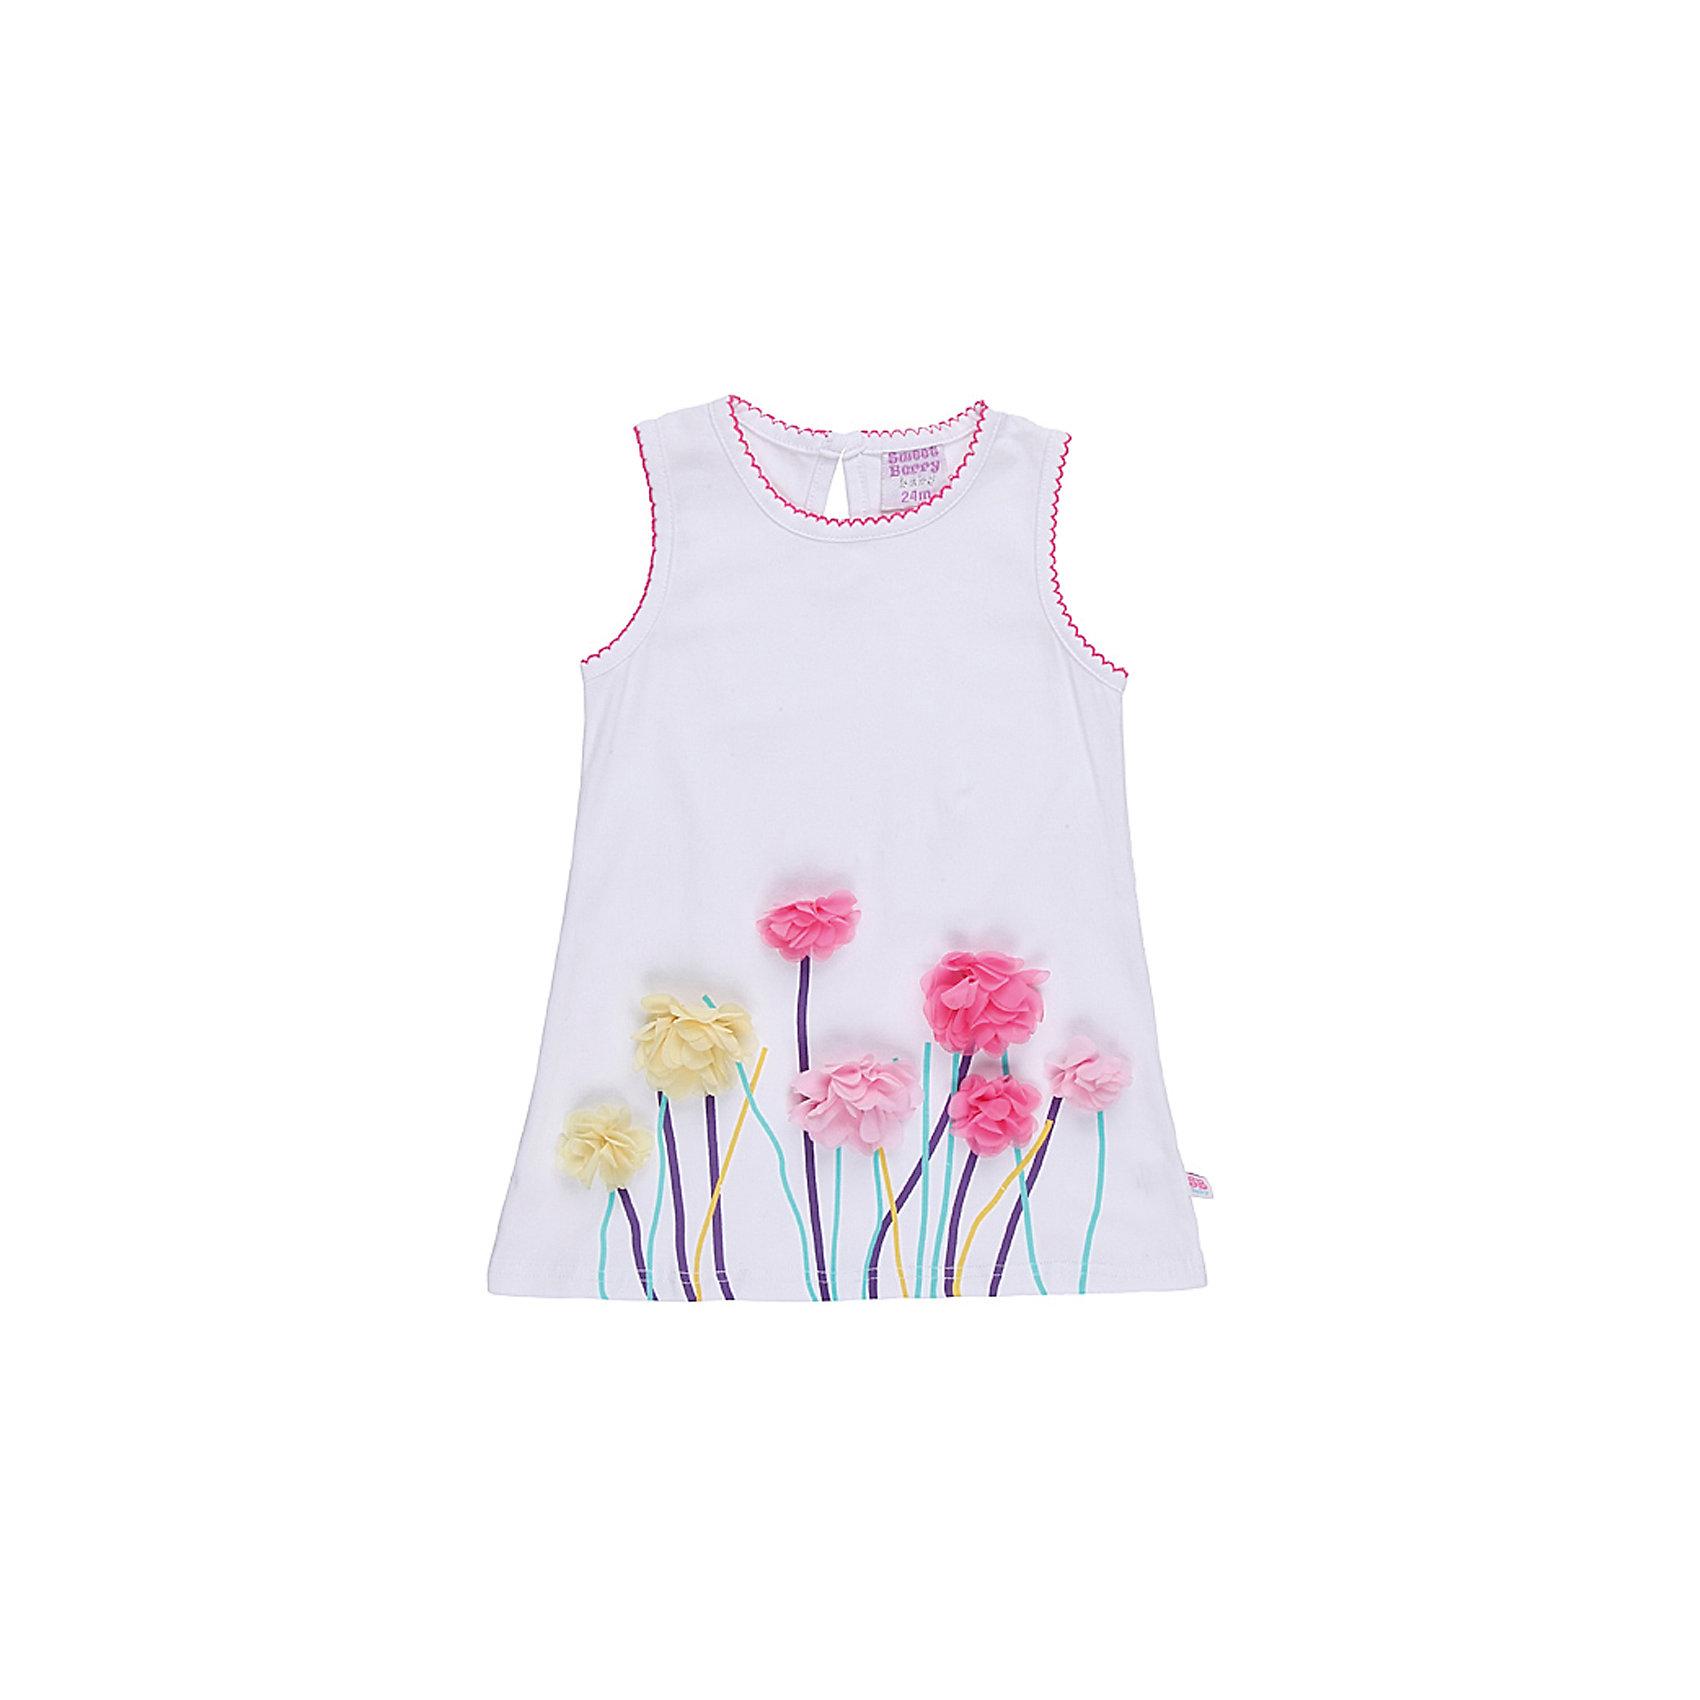 Платье для девочки Sweet BerryНежное платье из эластичного трикотажа.Декорировано цветами и принтом.Застежка-кнопки.<br>Состав:<br>95% хлопок, 5% эластан<br><br>Ширина мм: 236<br>Глубина мм: 16<br>Высота мм: 184<br>Вес г: 177<br>Цвет: белый<br>Возраст от месяцев: 18<br>Возраст до месяцев: 24<br>Пол: Женский<br>Возраст: Детский<br>Размер: 92,86,98,80<br>SKU: 4520450